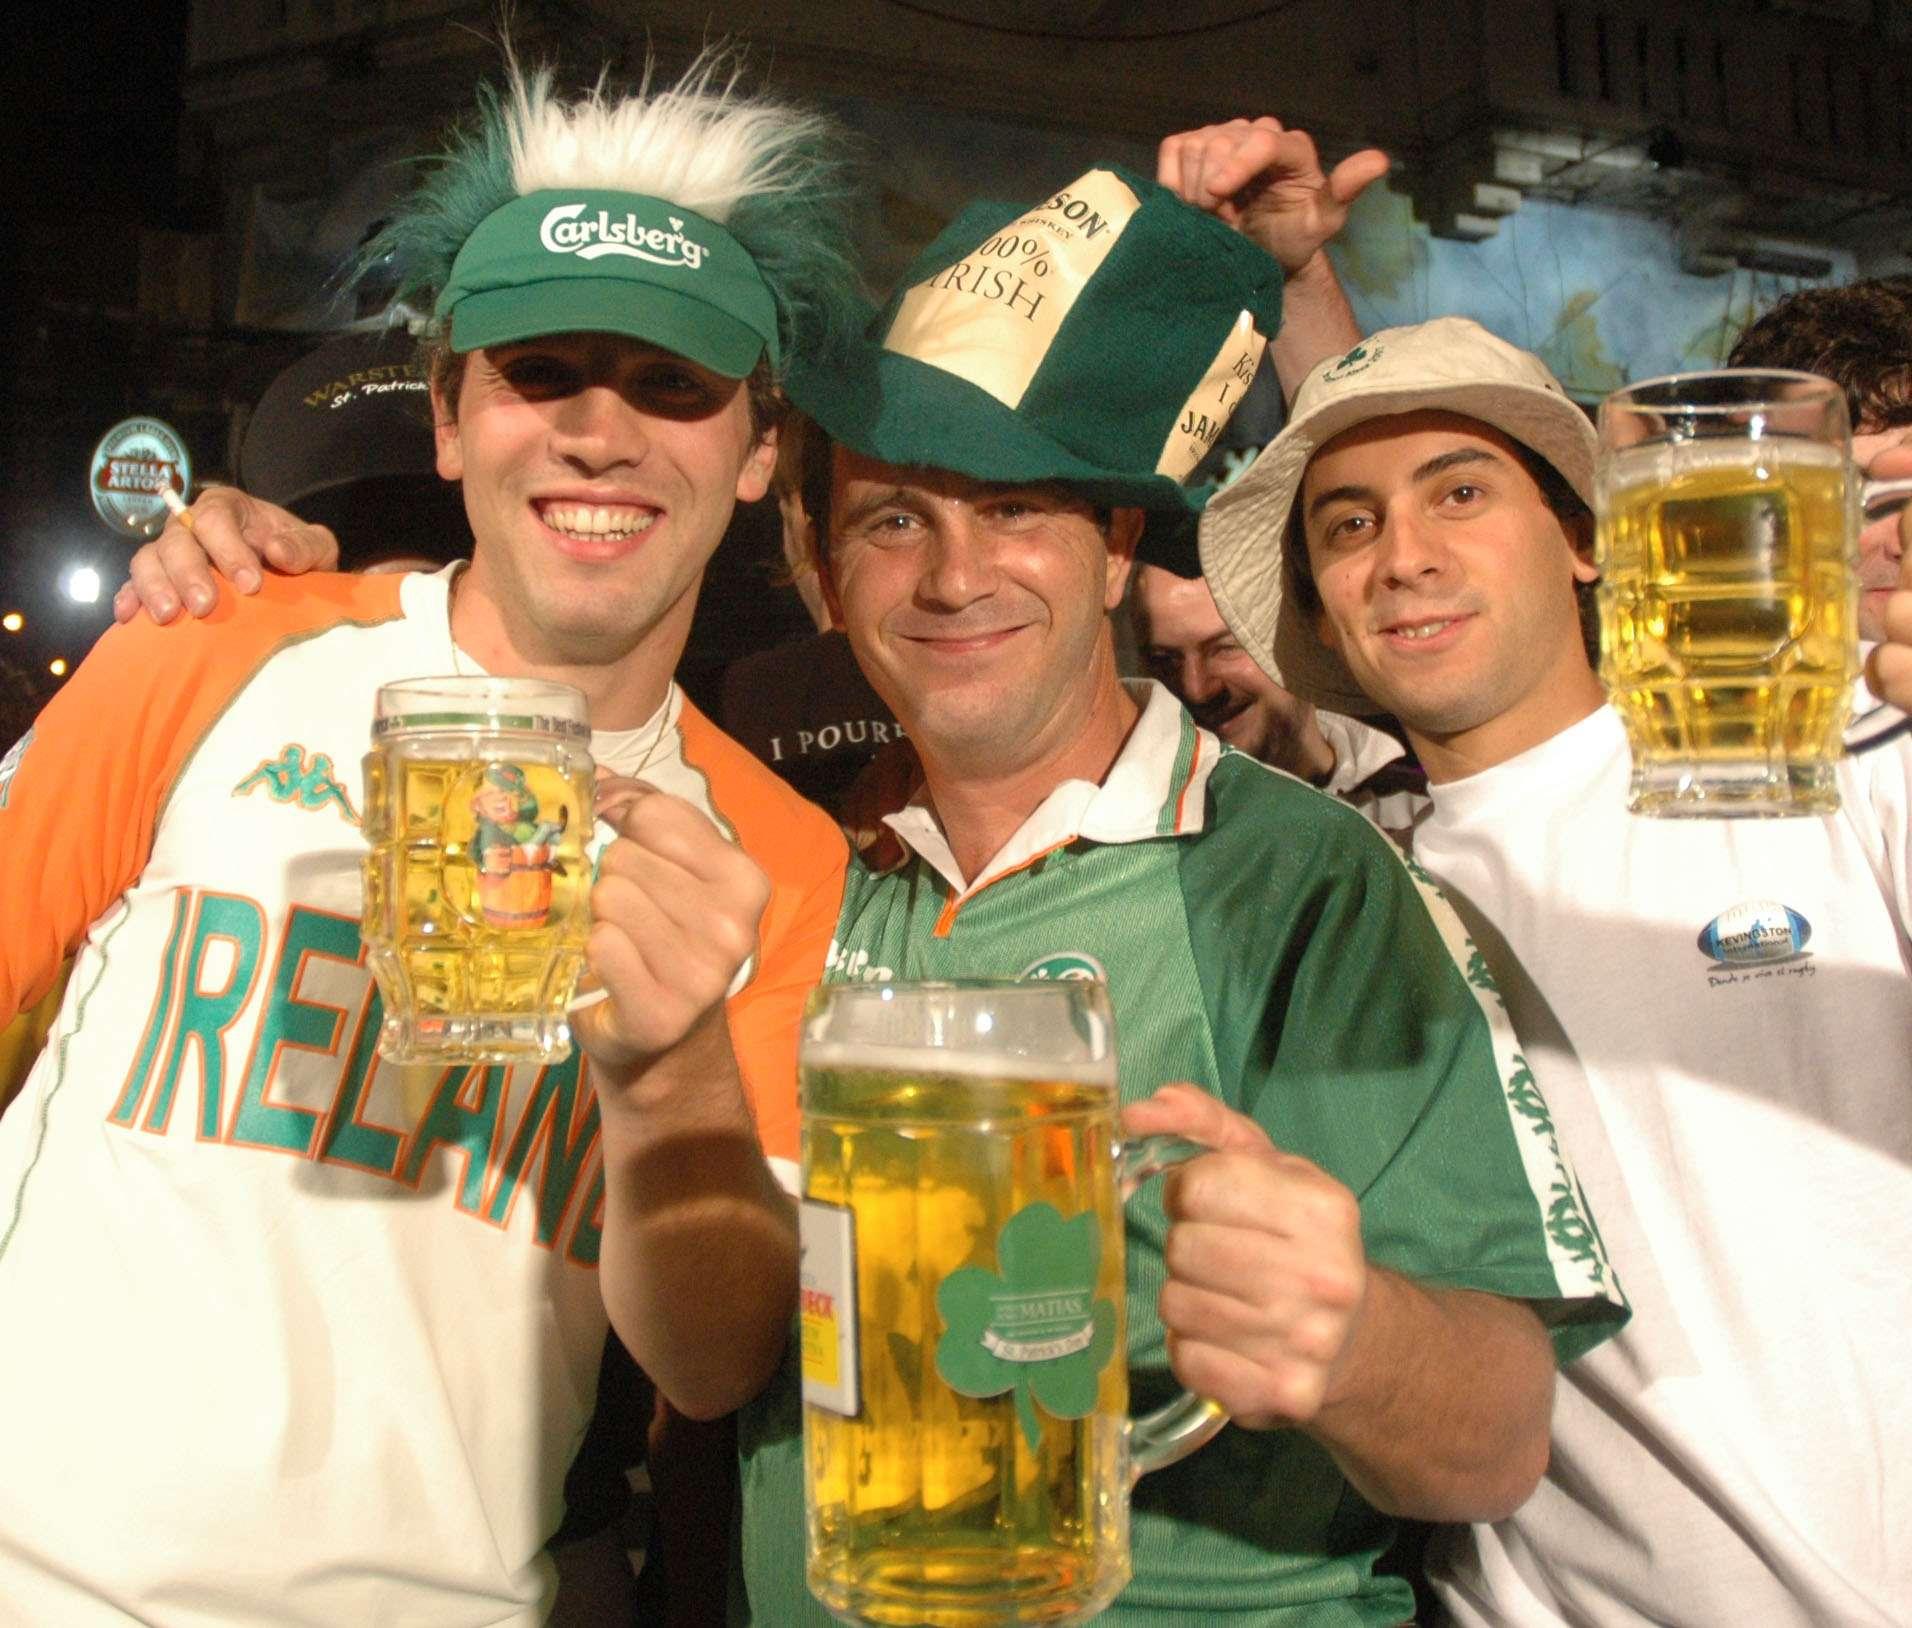 El consumo moderado de cerveza puede ser parte de un estilo saludable. Foto: NA